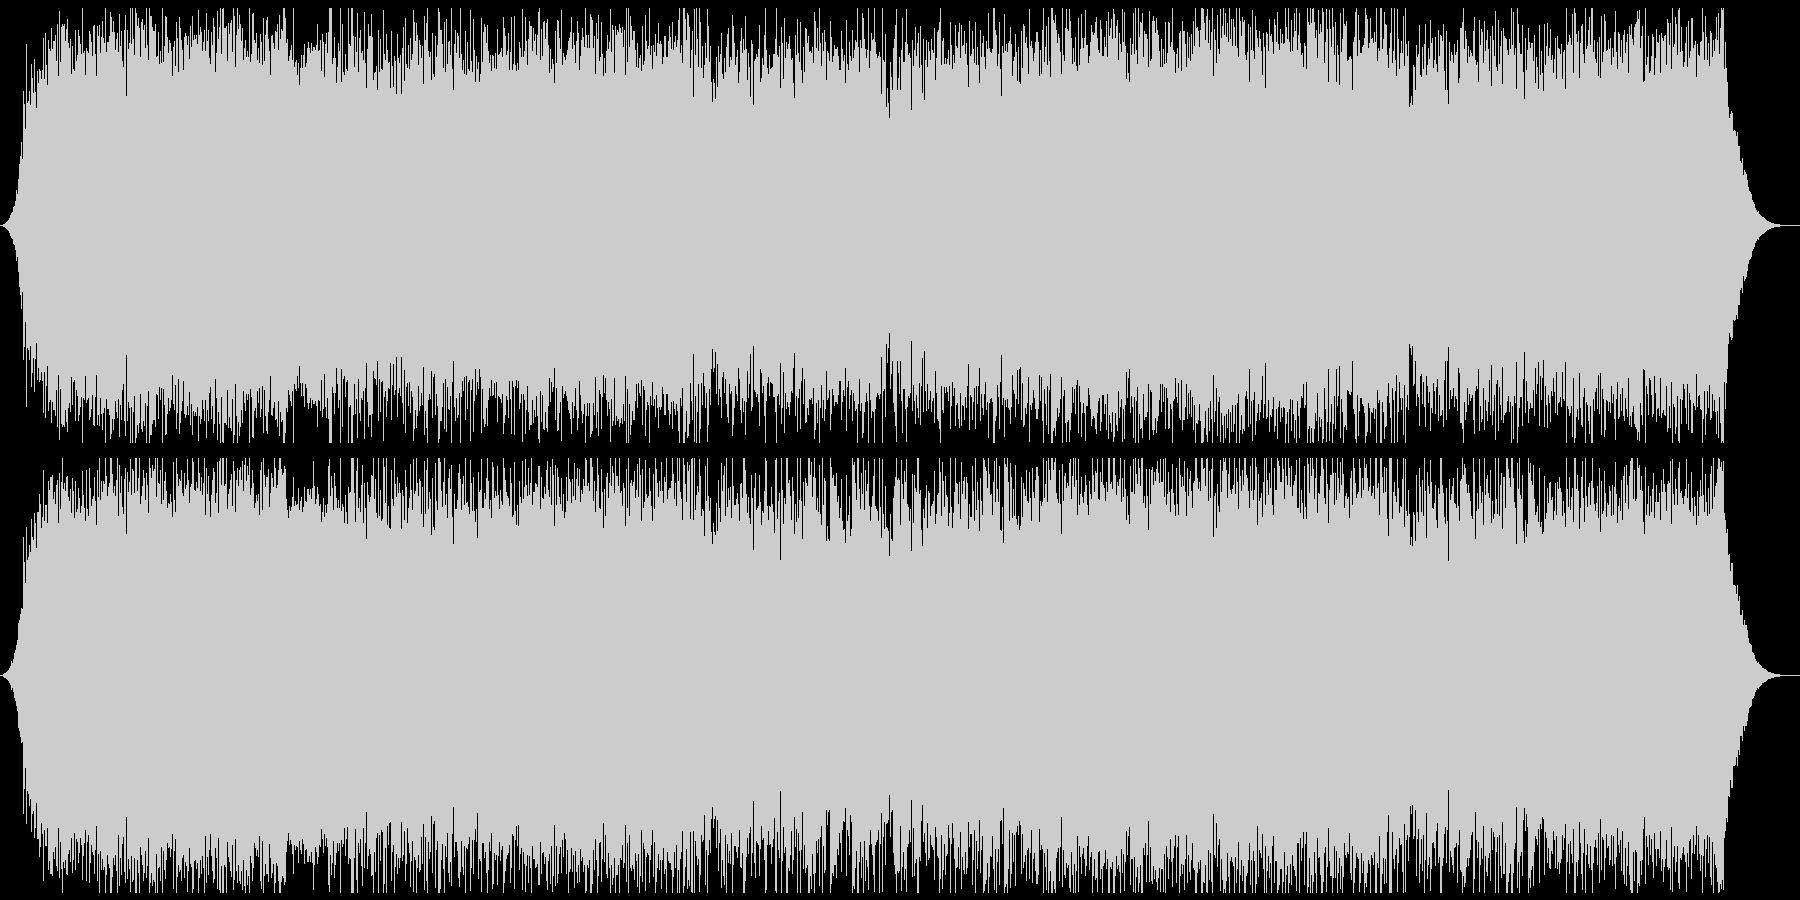 爽やかオープニング映像に ピアノロックの未再生の波形